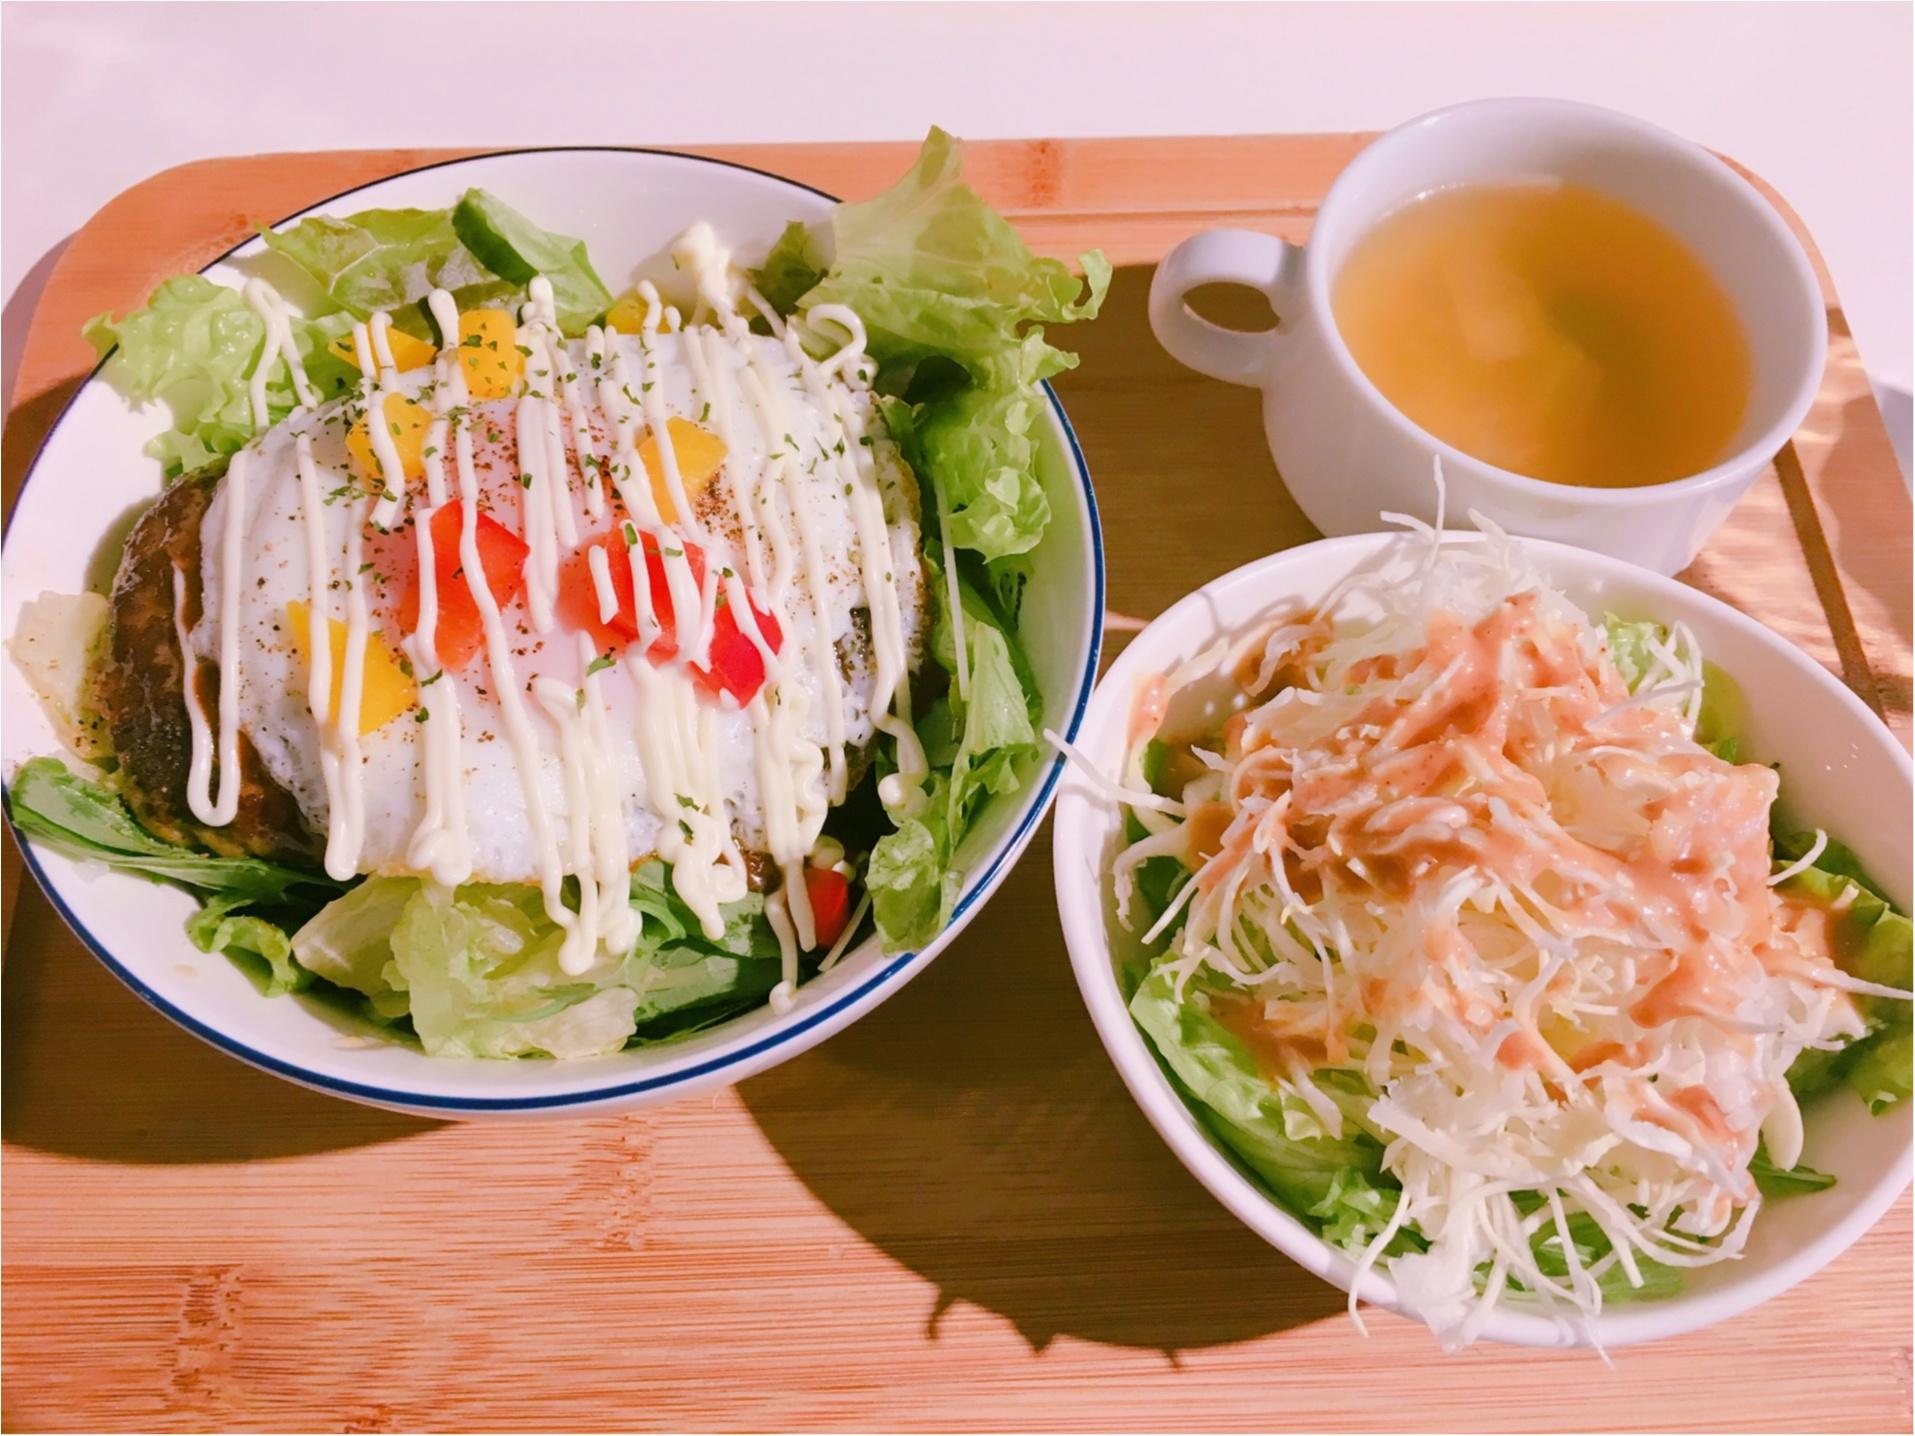 「ロコモコ丼」から「フレンチランチ」「黒カレー」まで! 熊本市内で私がオススメしたいランチまとめ!!!【#モアチャレ 熊本の魅力発信!】_2